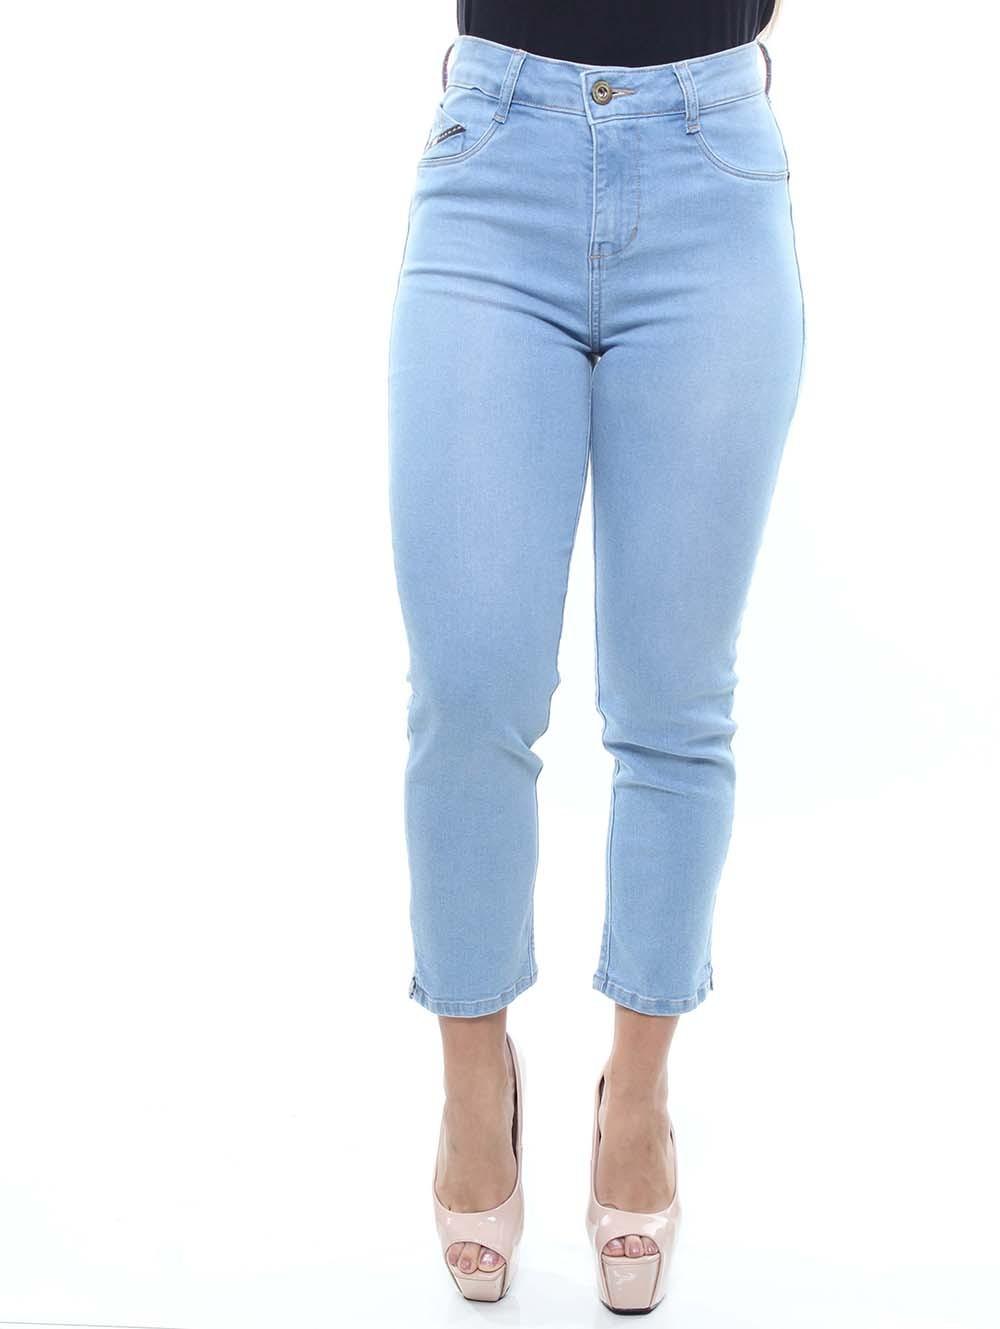 Calça Capri Jeans Feminina Crocker - 47752